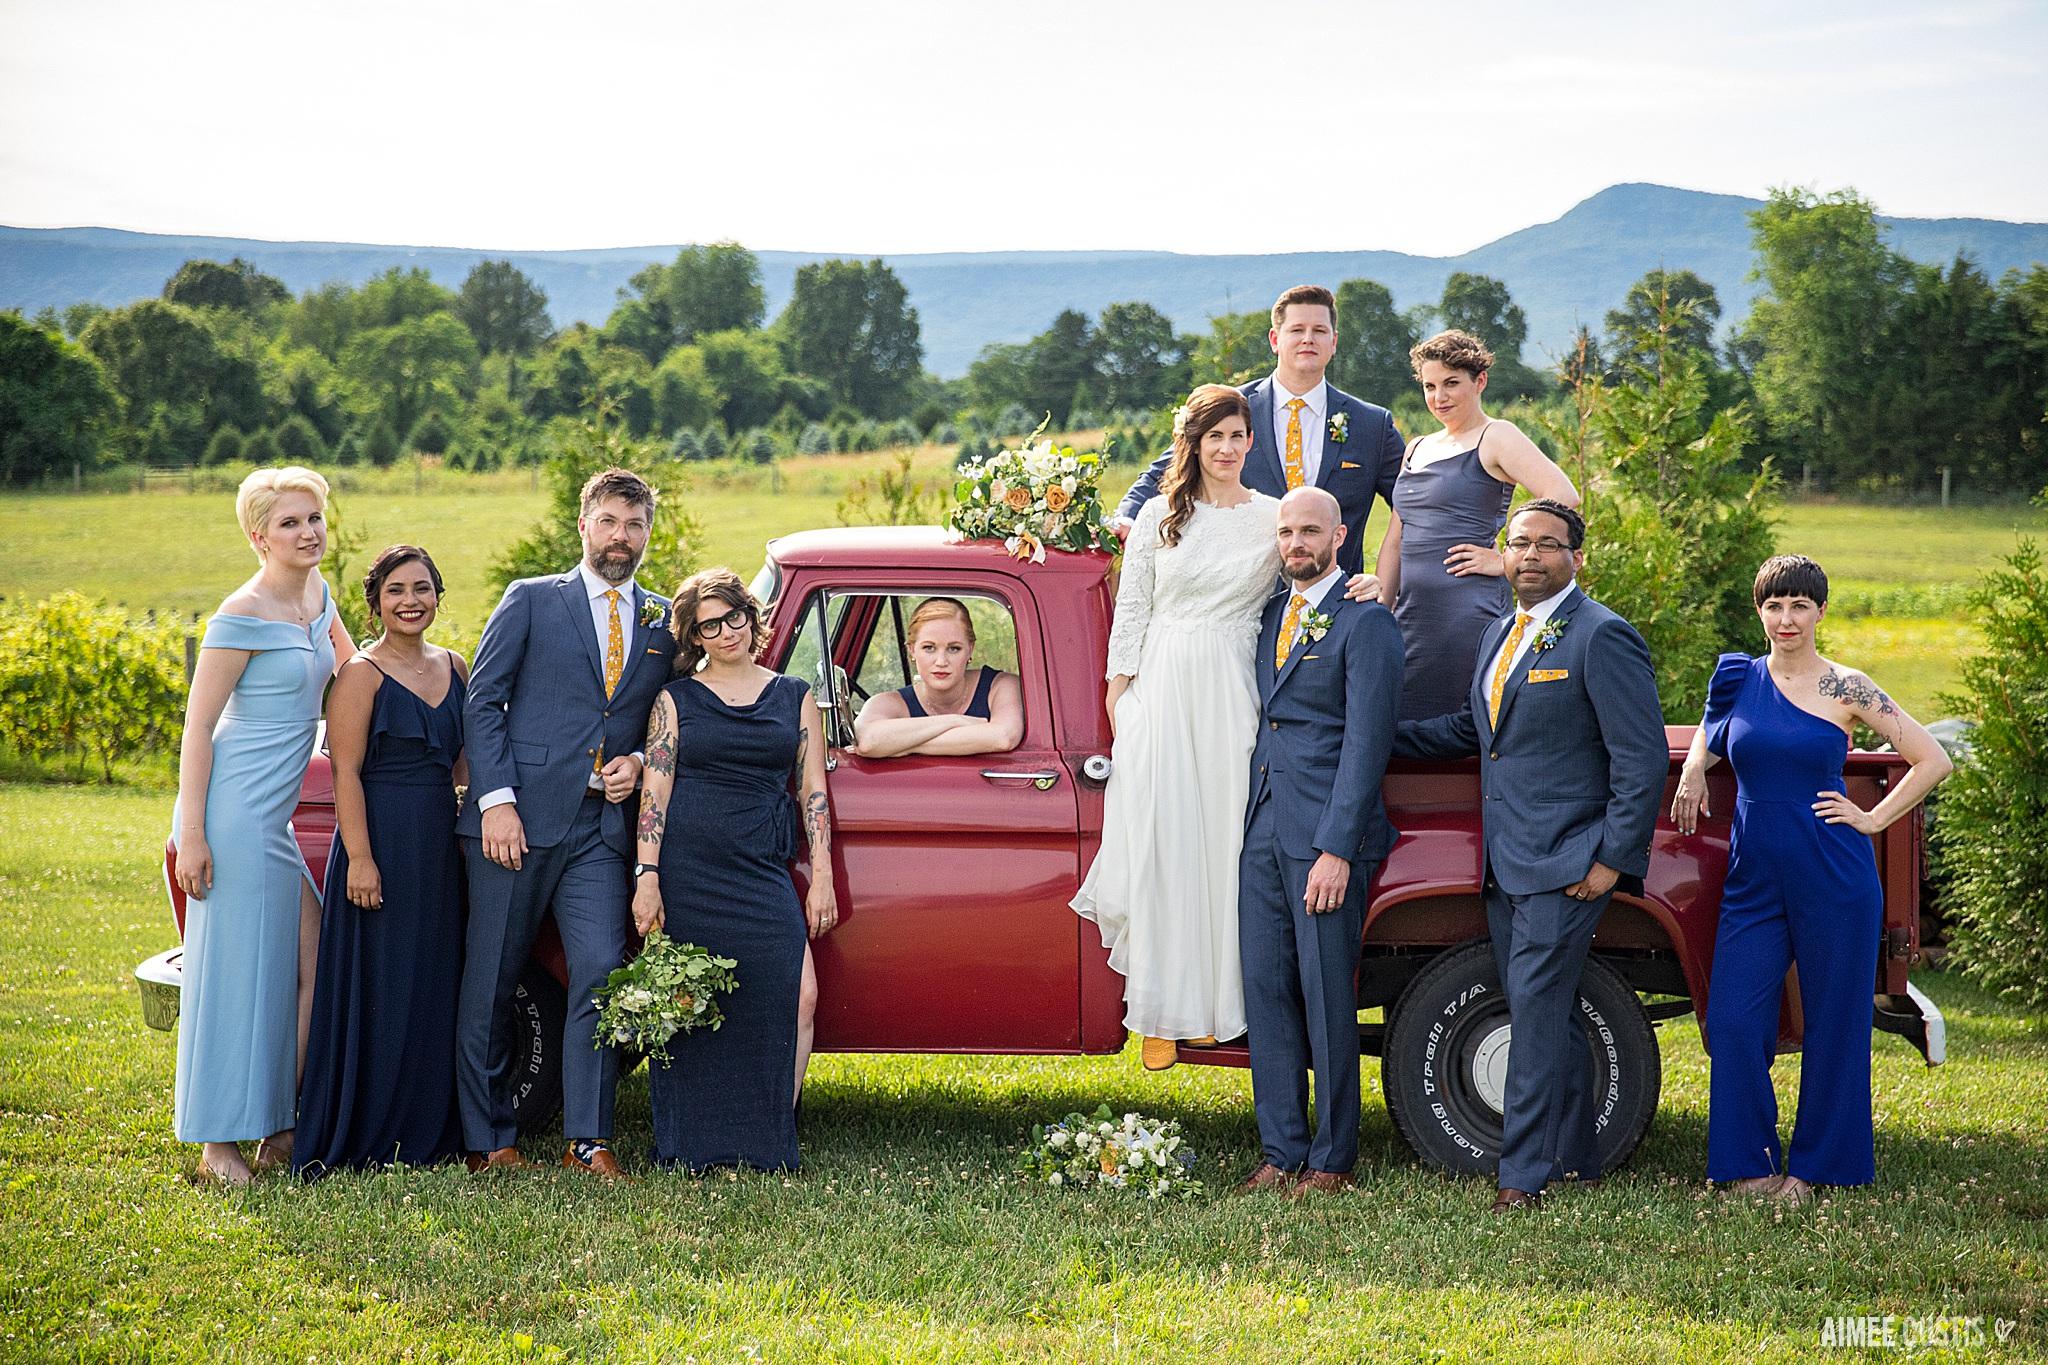 Southern wedding at Faithbrooke Barn and Vineyards Luray Virginia